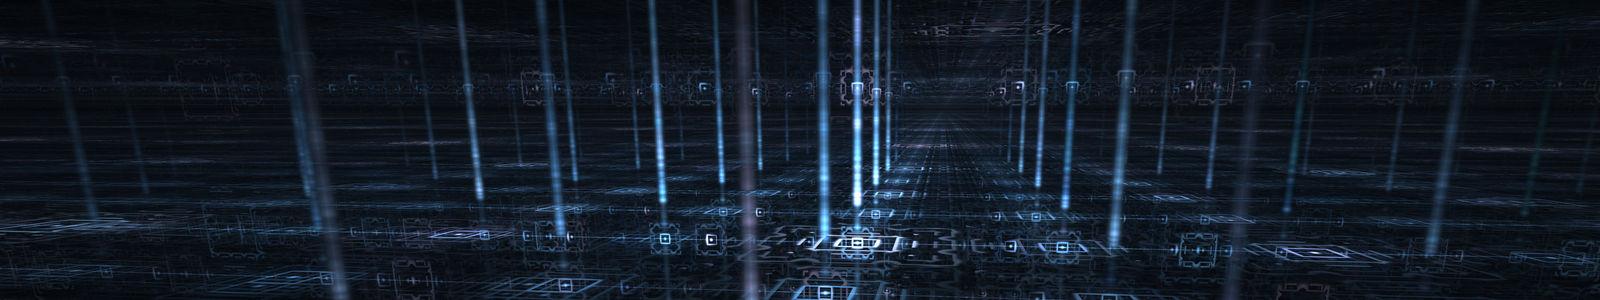 Datacore 5760x1080 Re-render